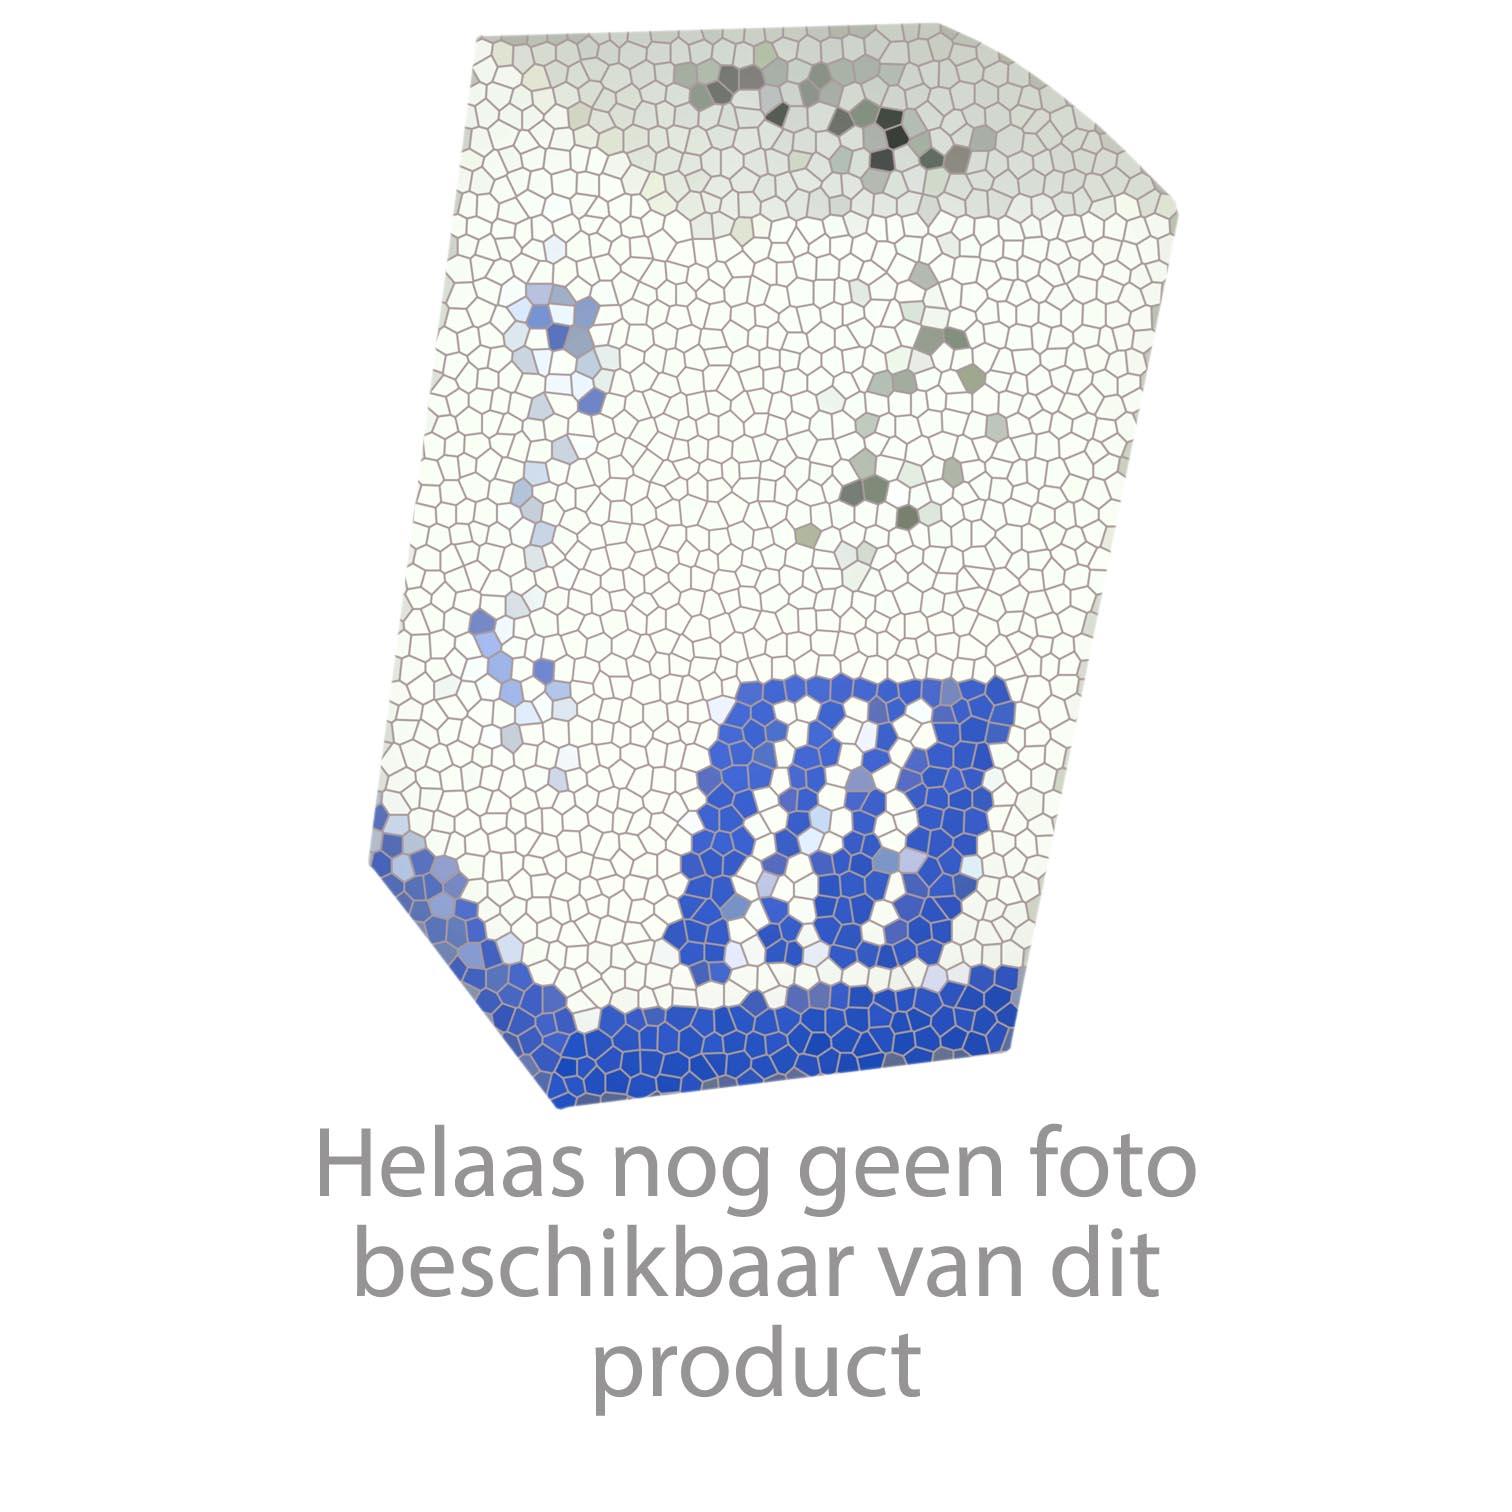 HansGrohe Keukenmengkranen Allegra Steel productiejaar > 10/05 35807800 onderdelen